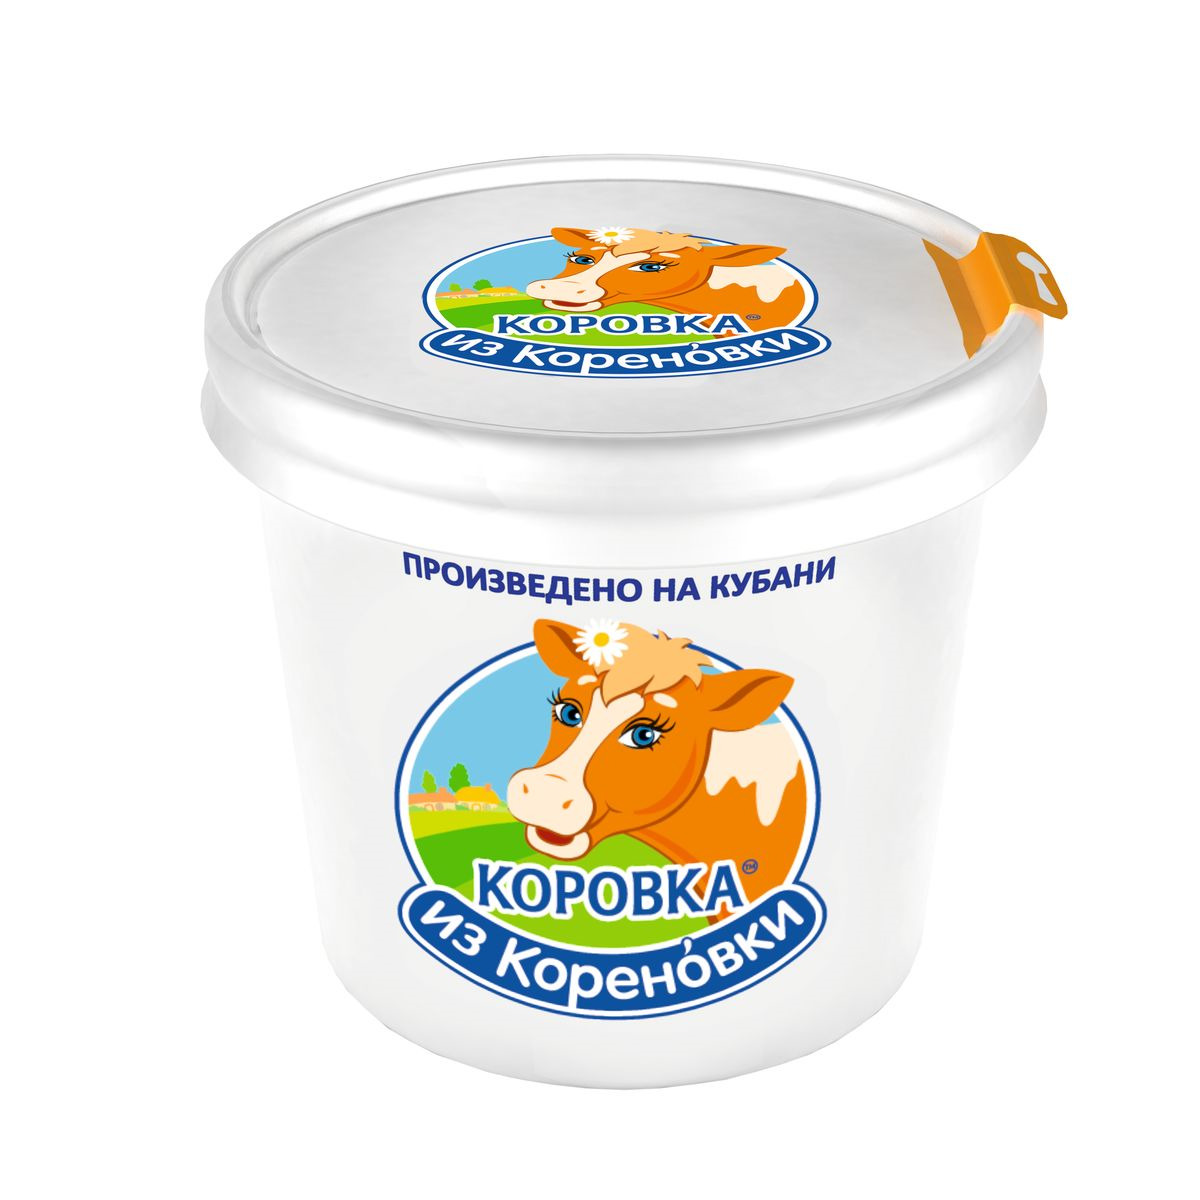 Мороженое Коровка из Кореновки Пломбир крем-брюле, в бумажном стакане, с ложкой, 80 г мороженое росфрост крем брюле 100 г